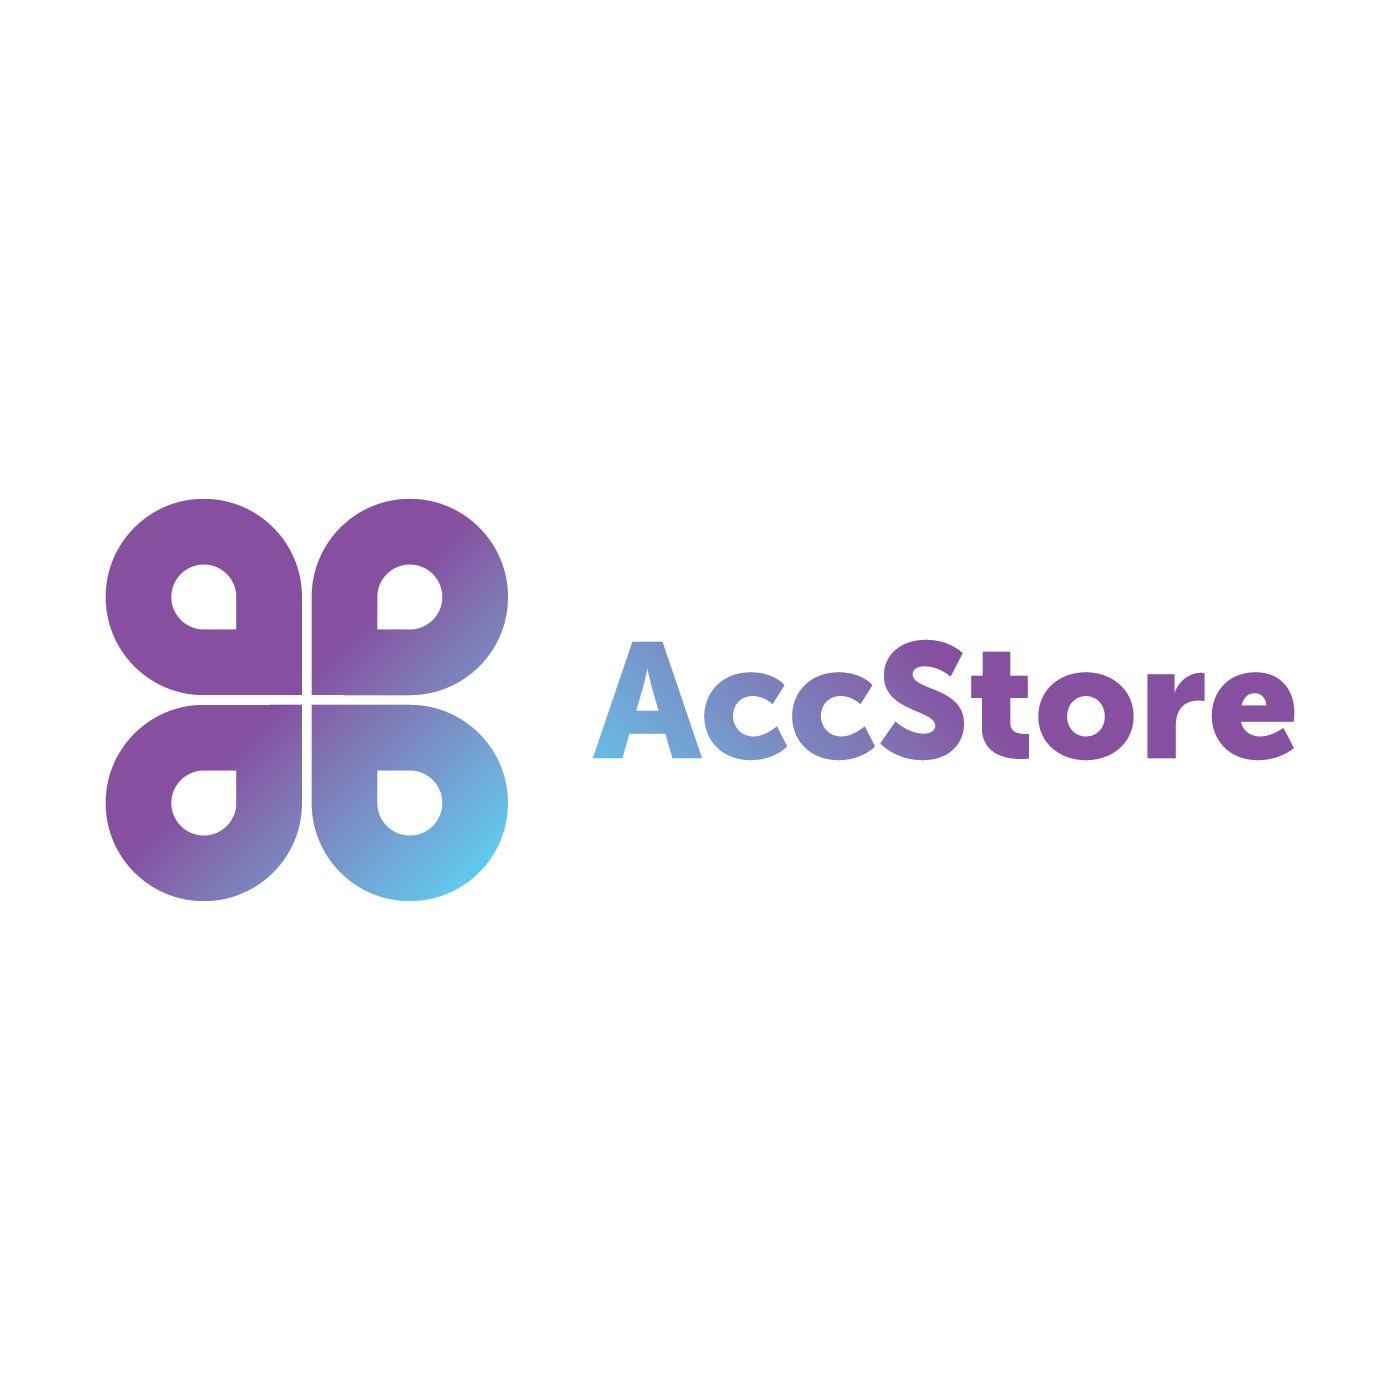 Логотип для магазина аккаунтов - дизайнер rikozi